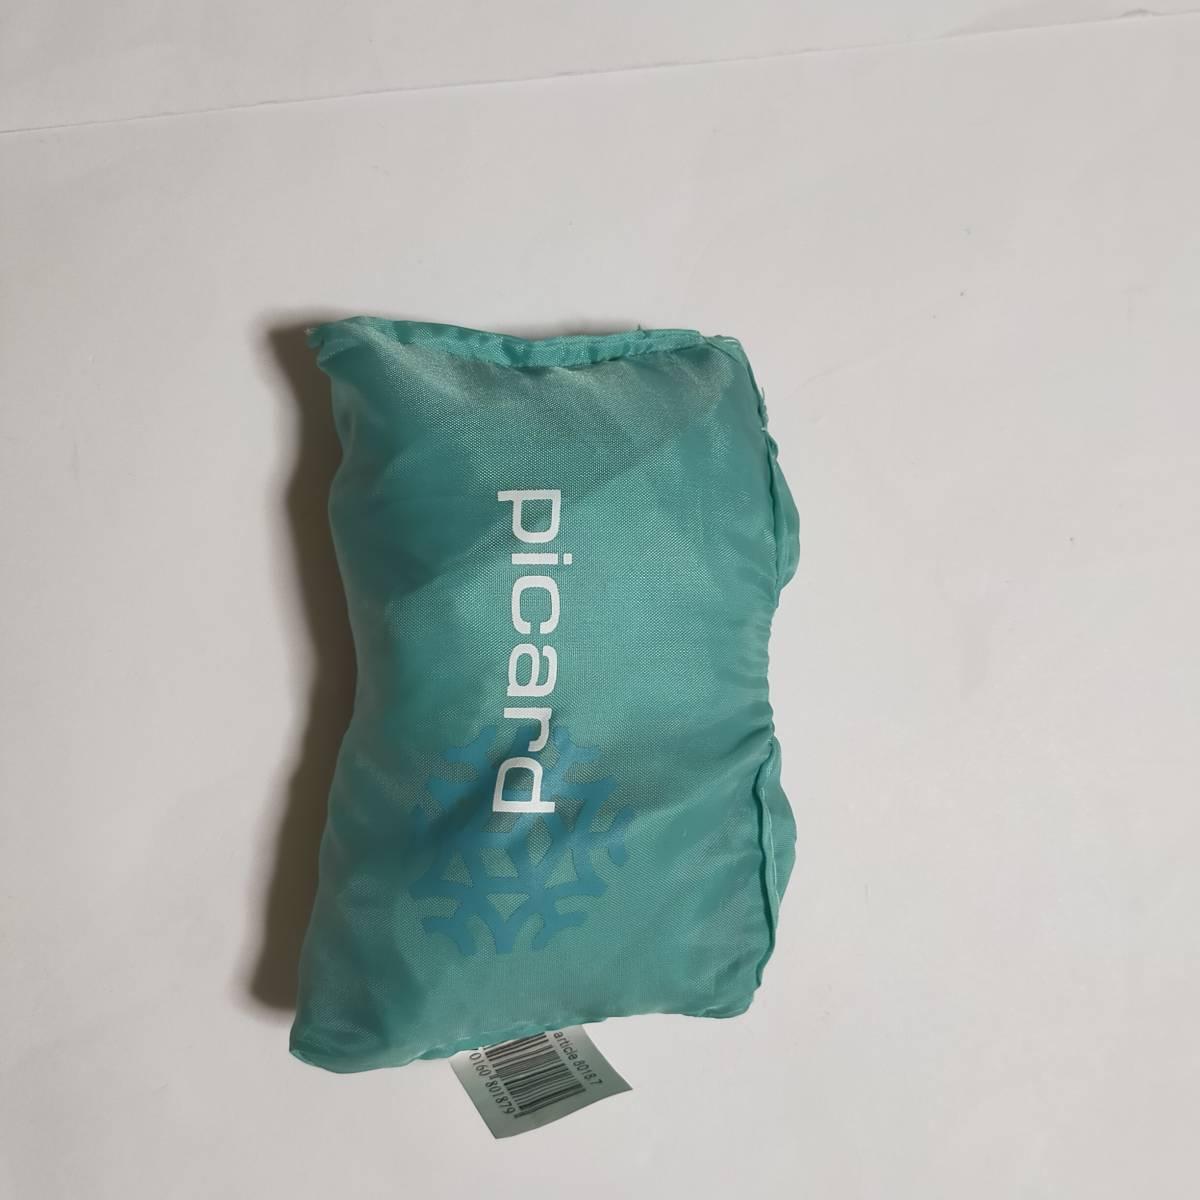 エコバッグ トートバッグ 鞄 バッグ ピカール picard 水色 フランス  折り畳みエコバッグ 海外土産 エコバ かばん バッグ カバン